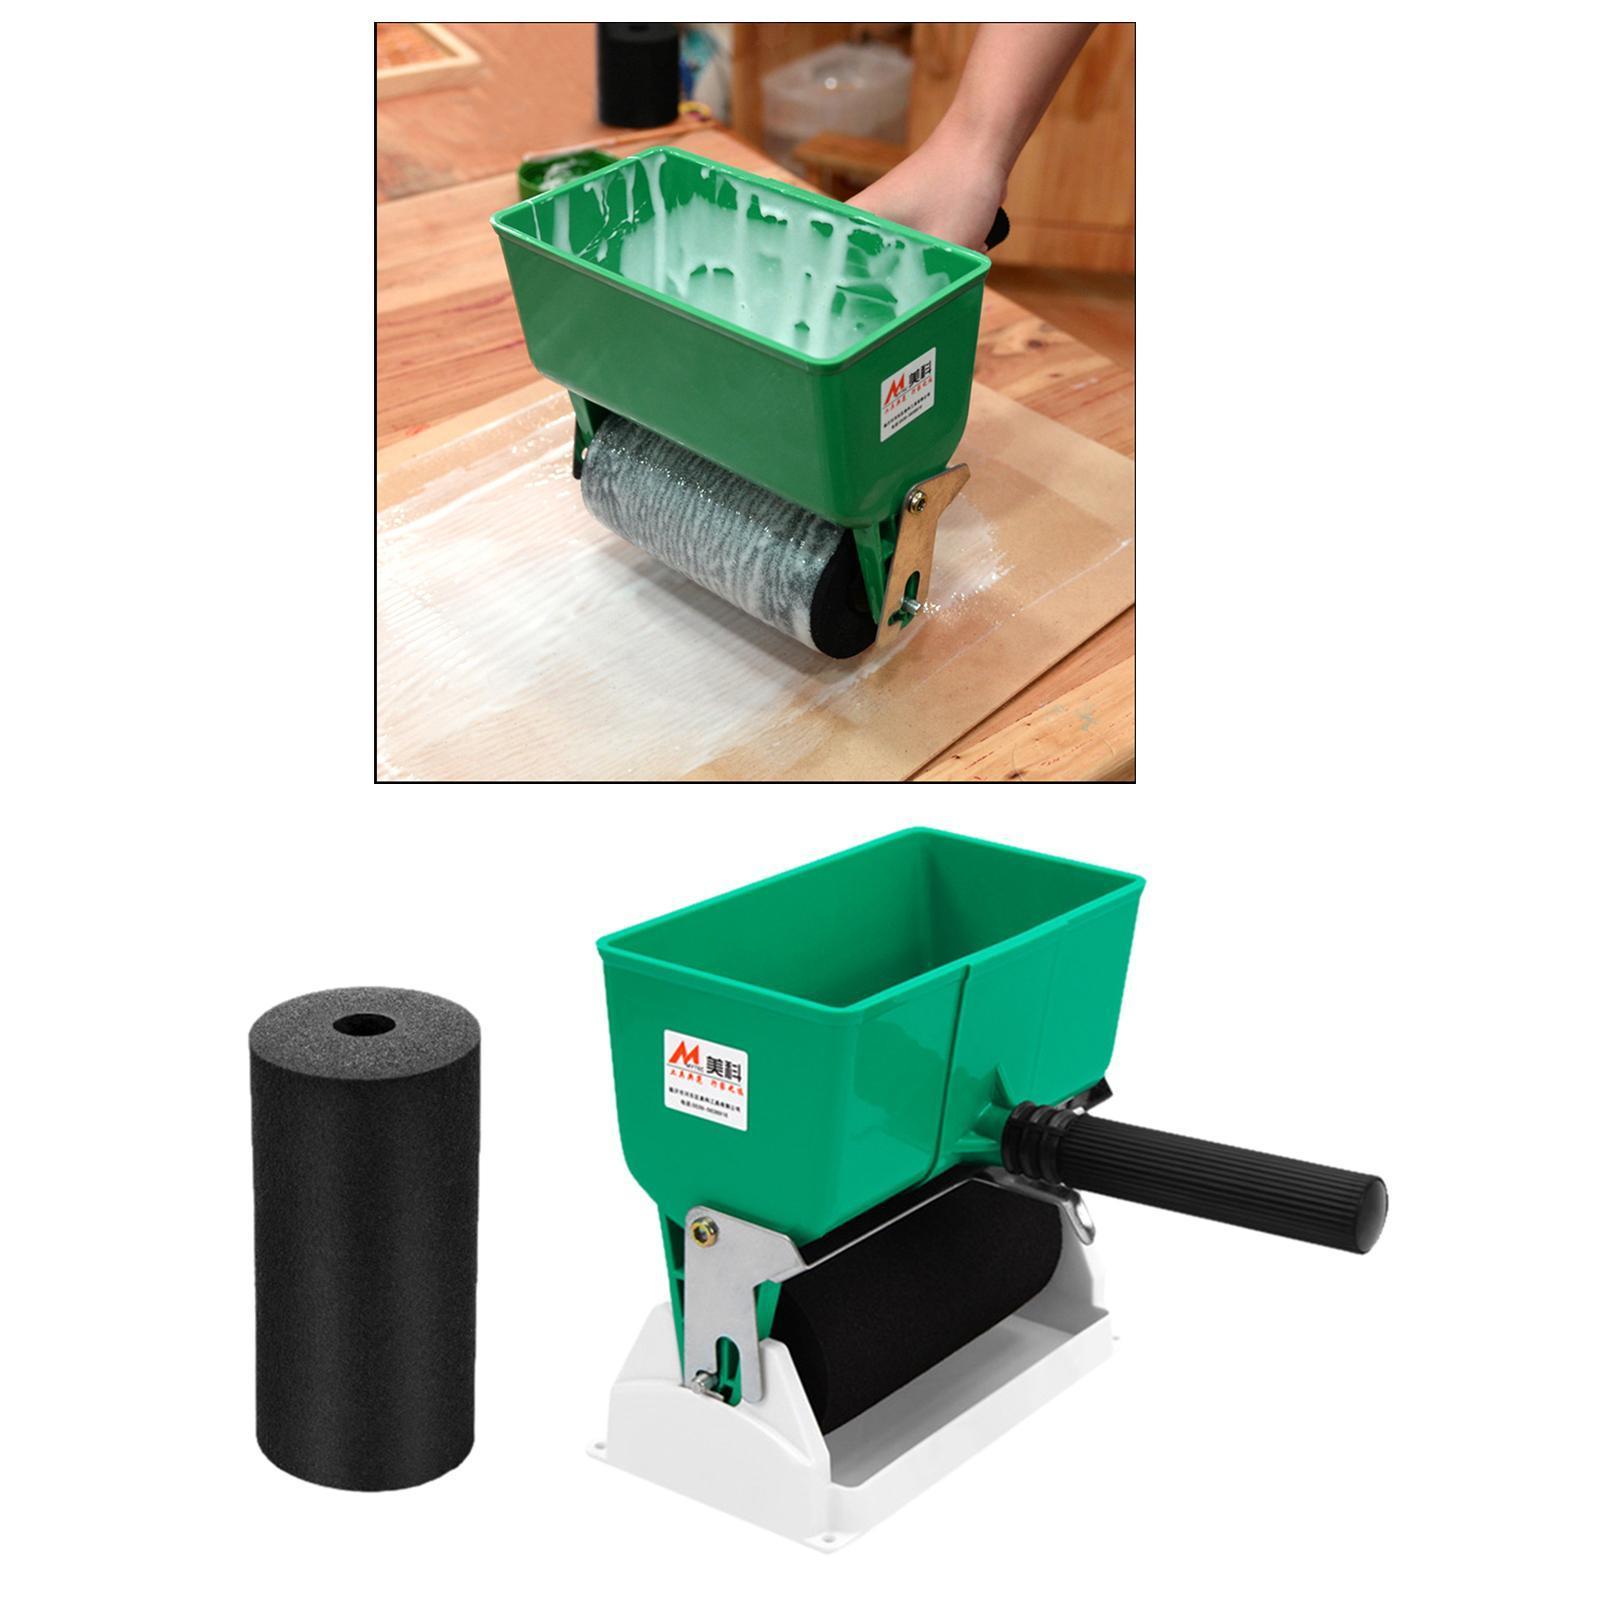 miniatura 31 - 180mL/320mL Portatile Colla Applicatore Rullo Professionale Rivestito Colla